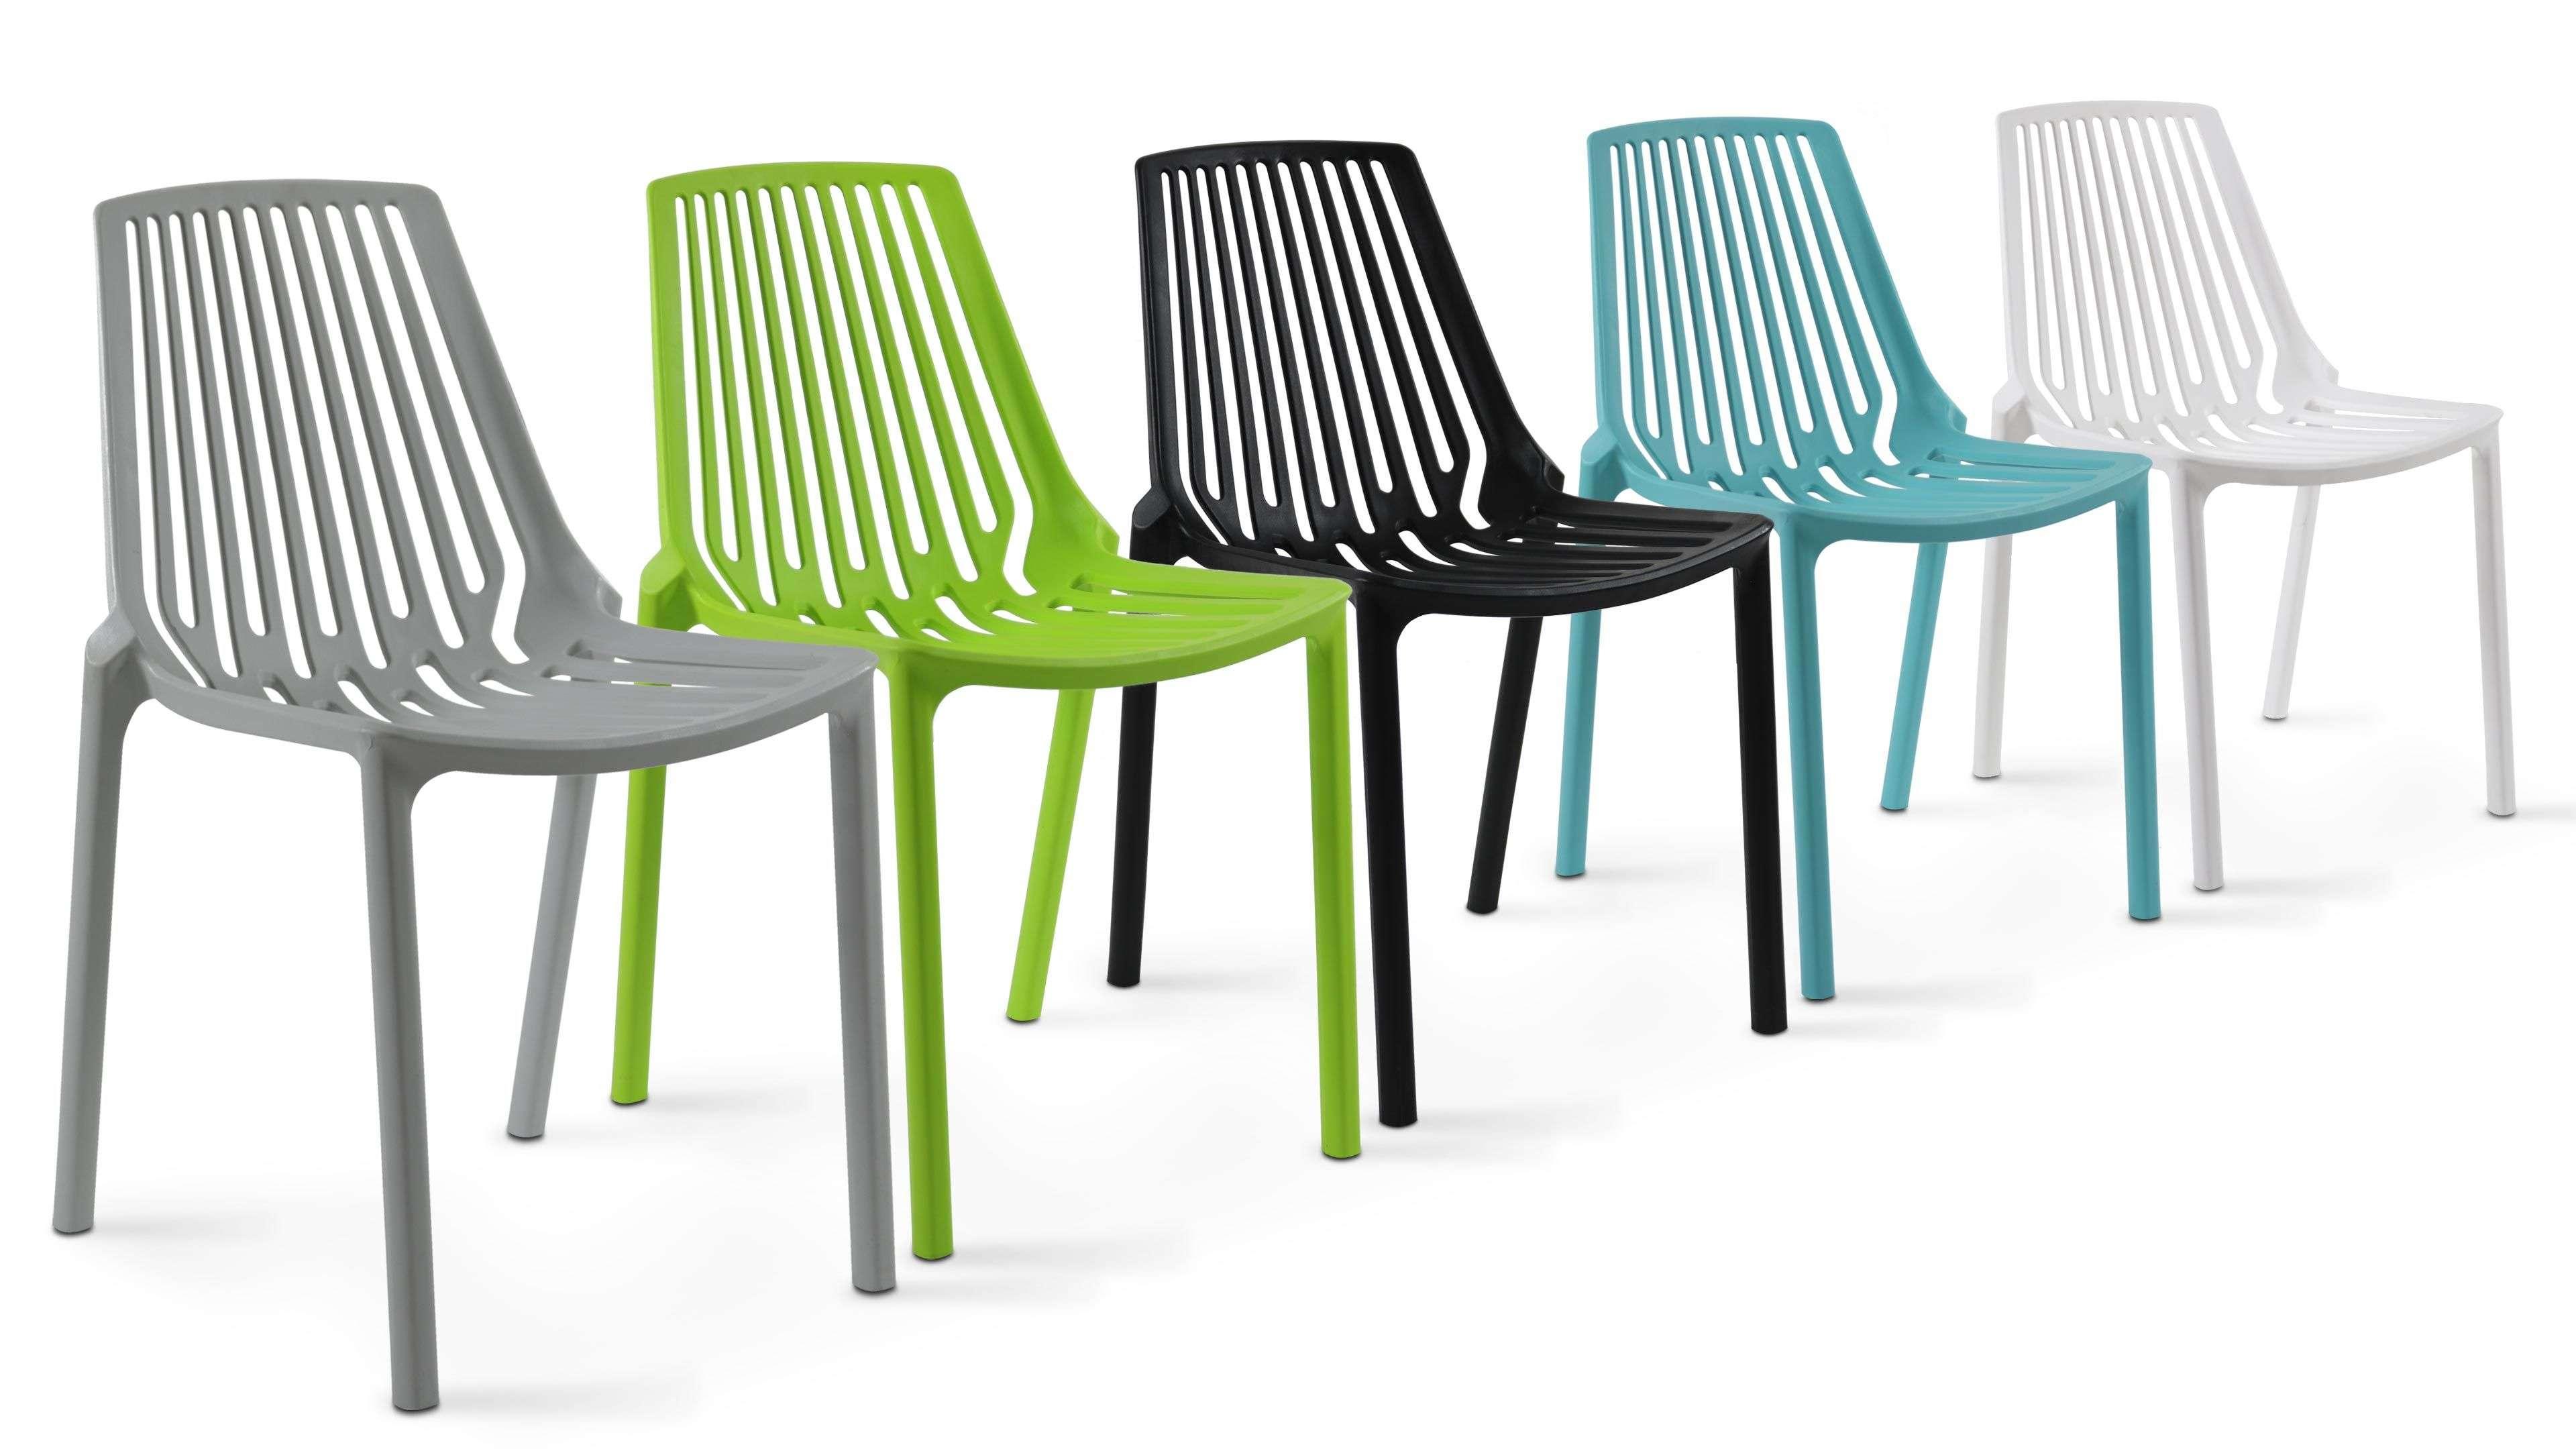 Solde Chaise Jardin Plastique